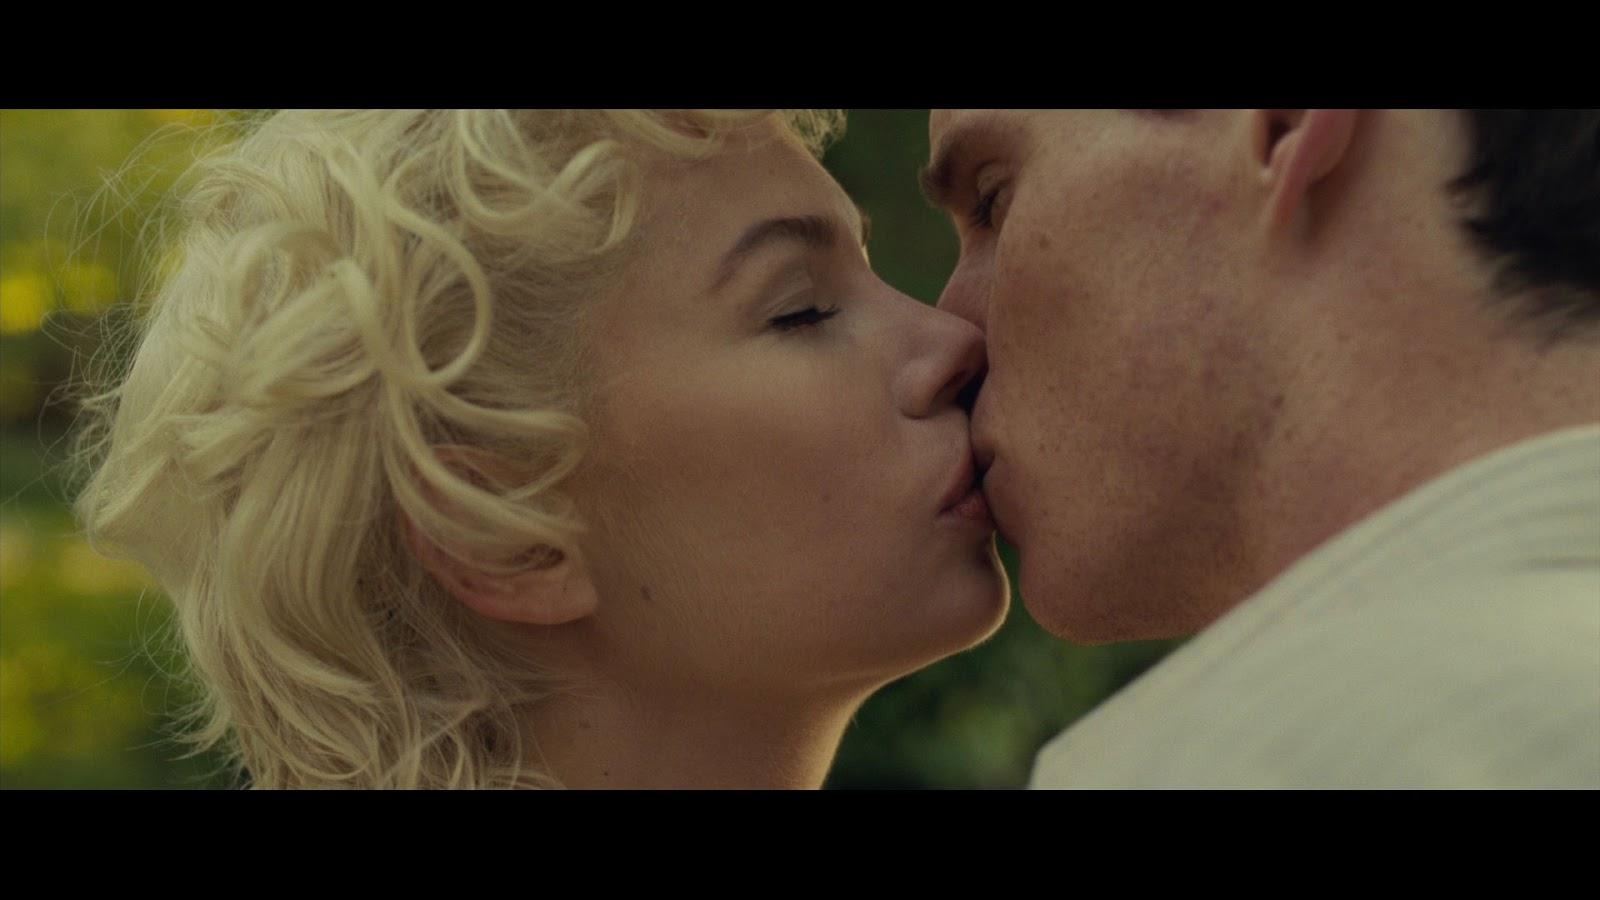 VAI VAI FILMO REKOMENDACIJA: MY WEEK WITH MARILYN MONROE